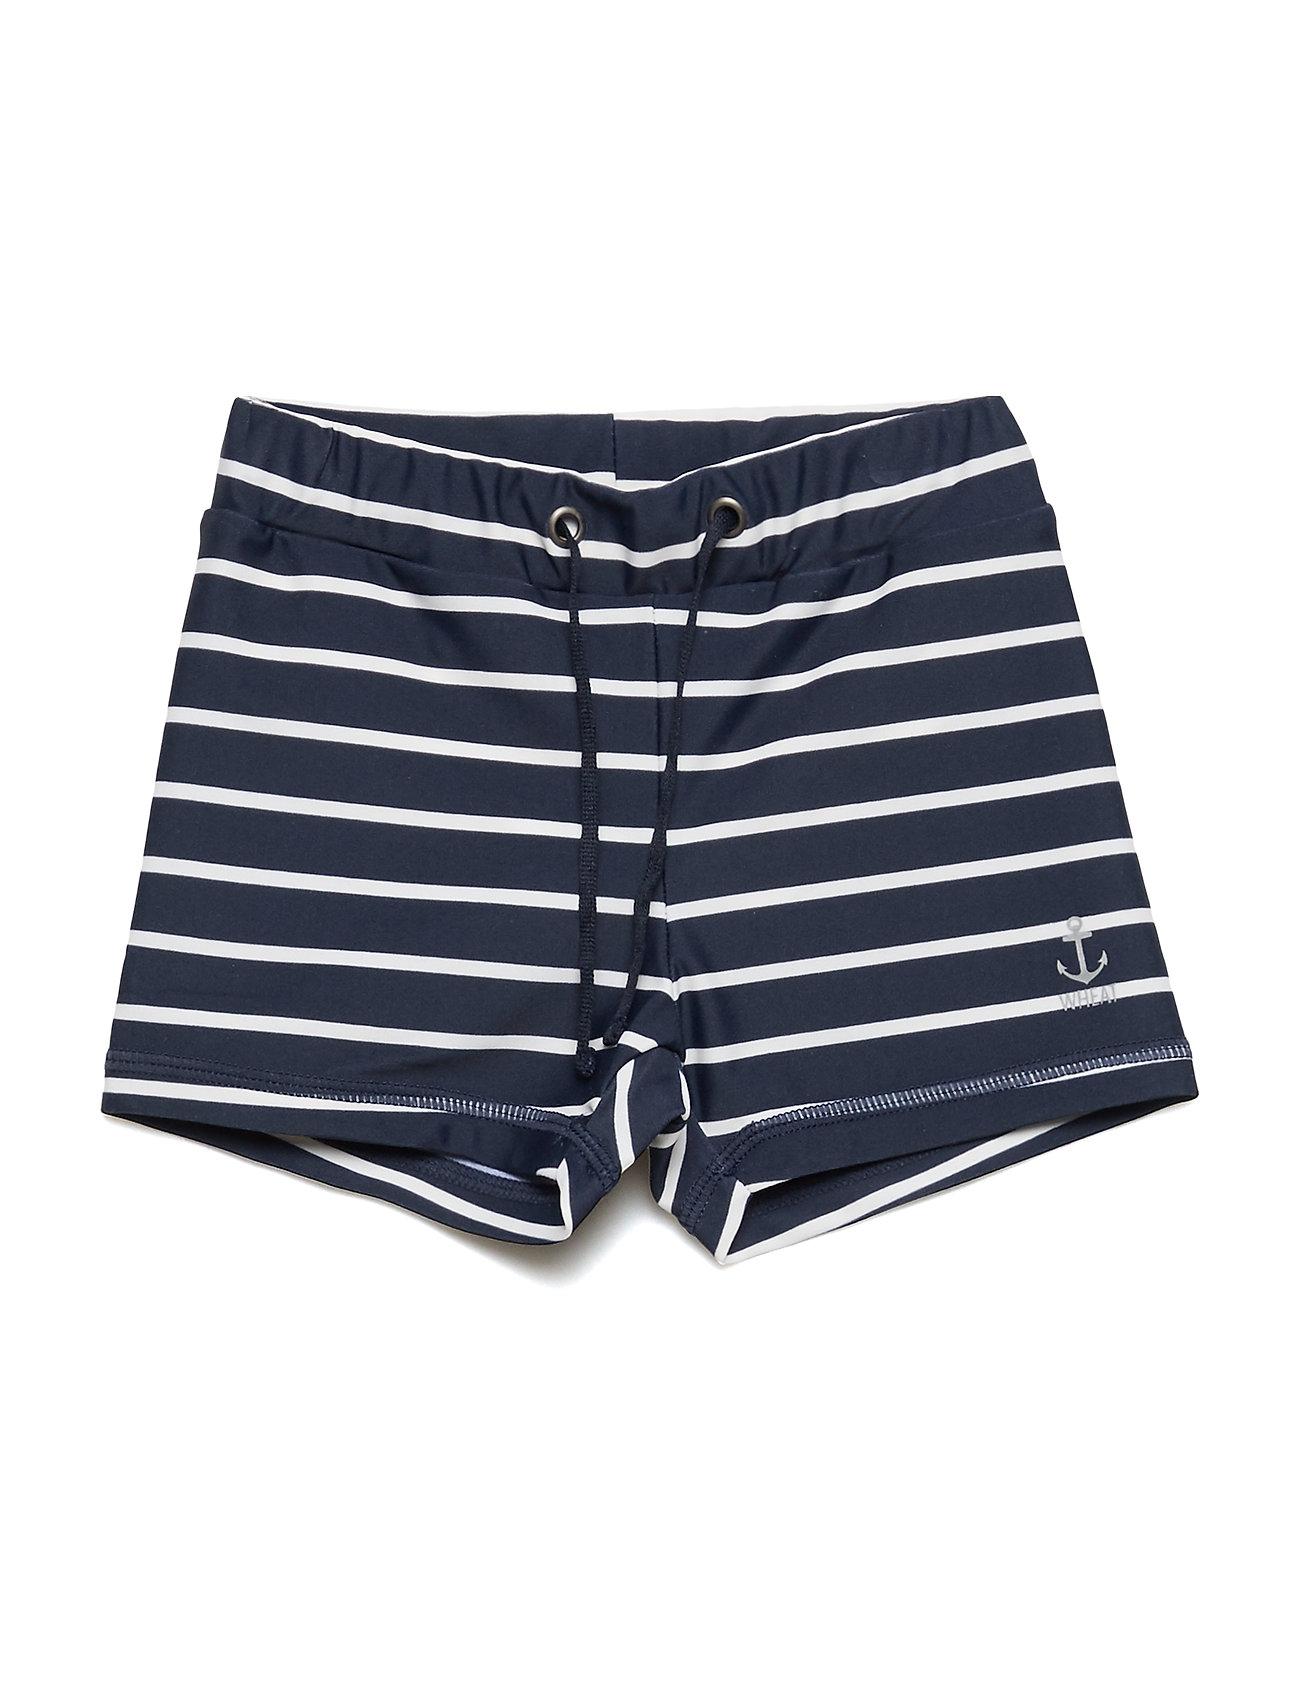 Wheat Swim Shorts Eli - NAVY